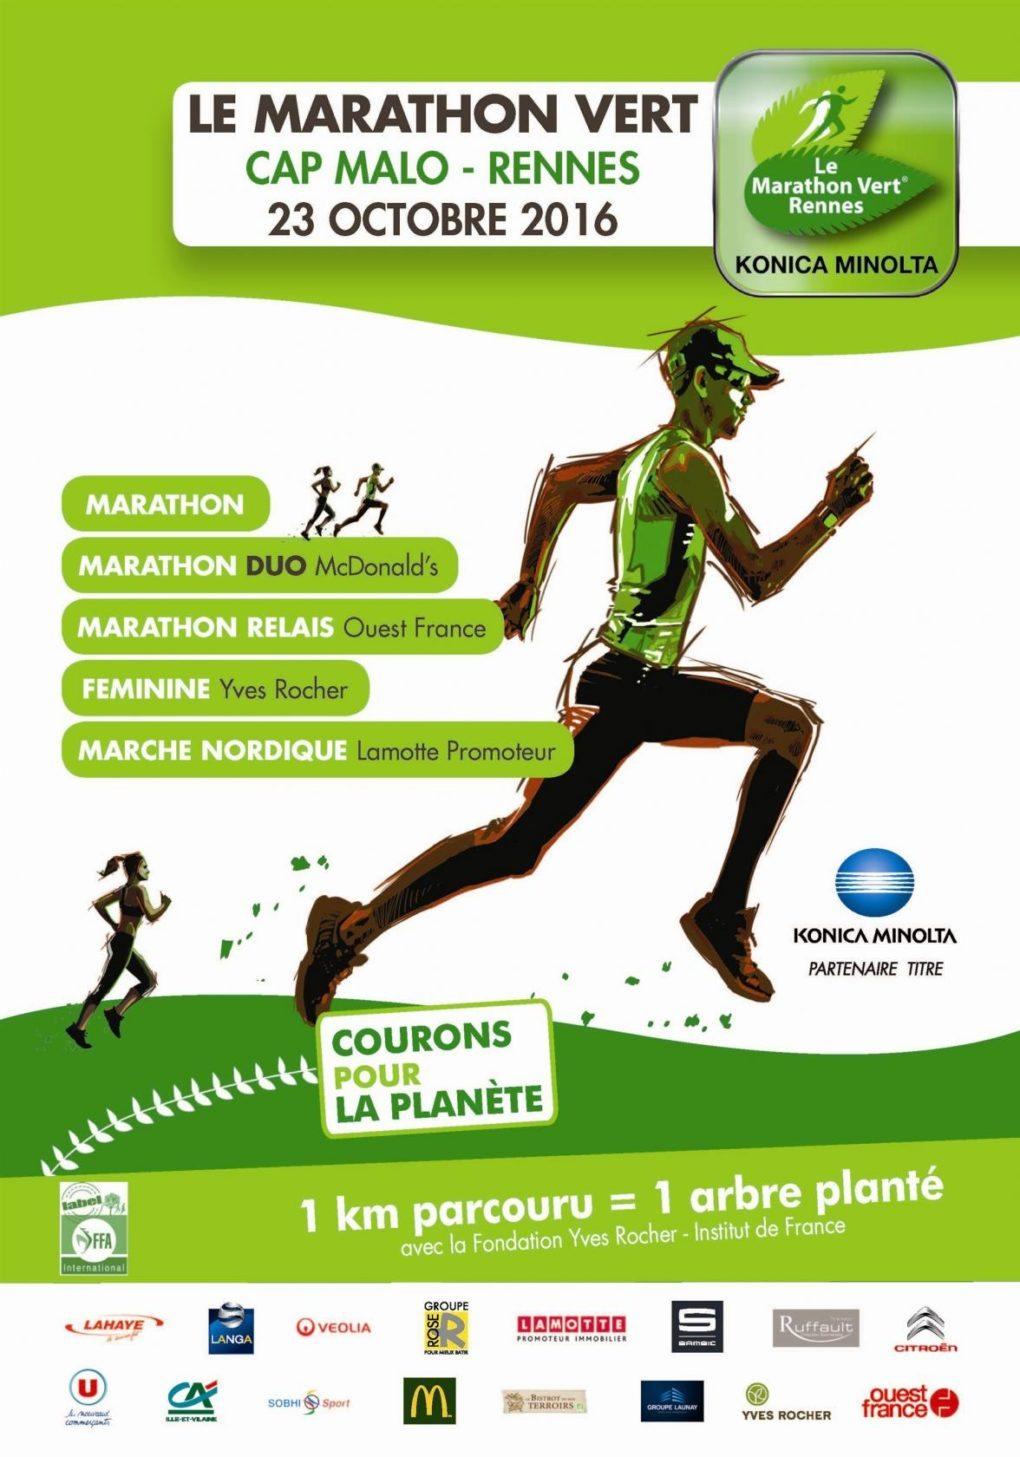 Dimanche à Rennes : Marathon Vert Rennes Konica Minolta La Mézière